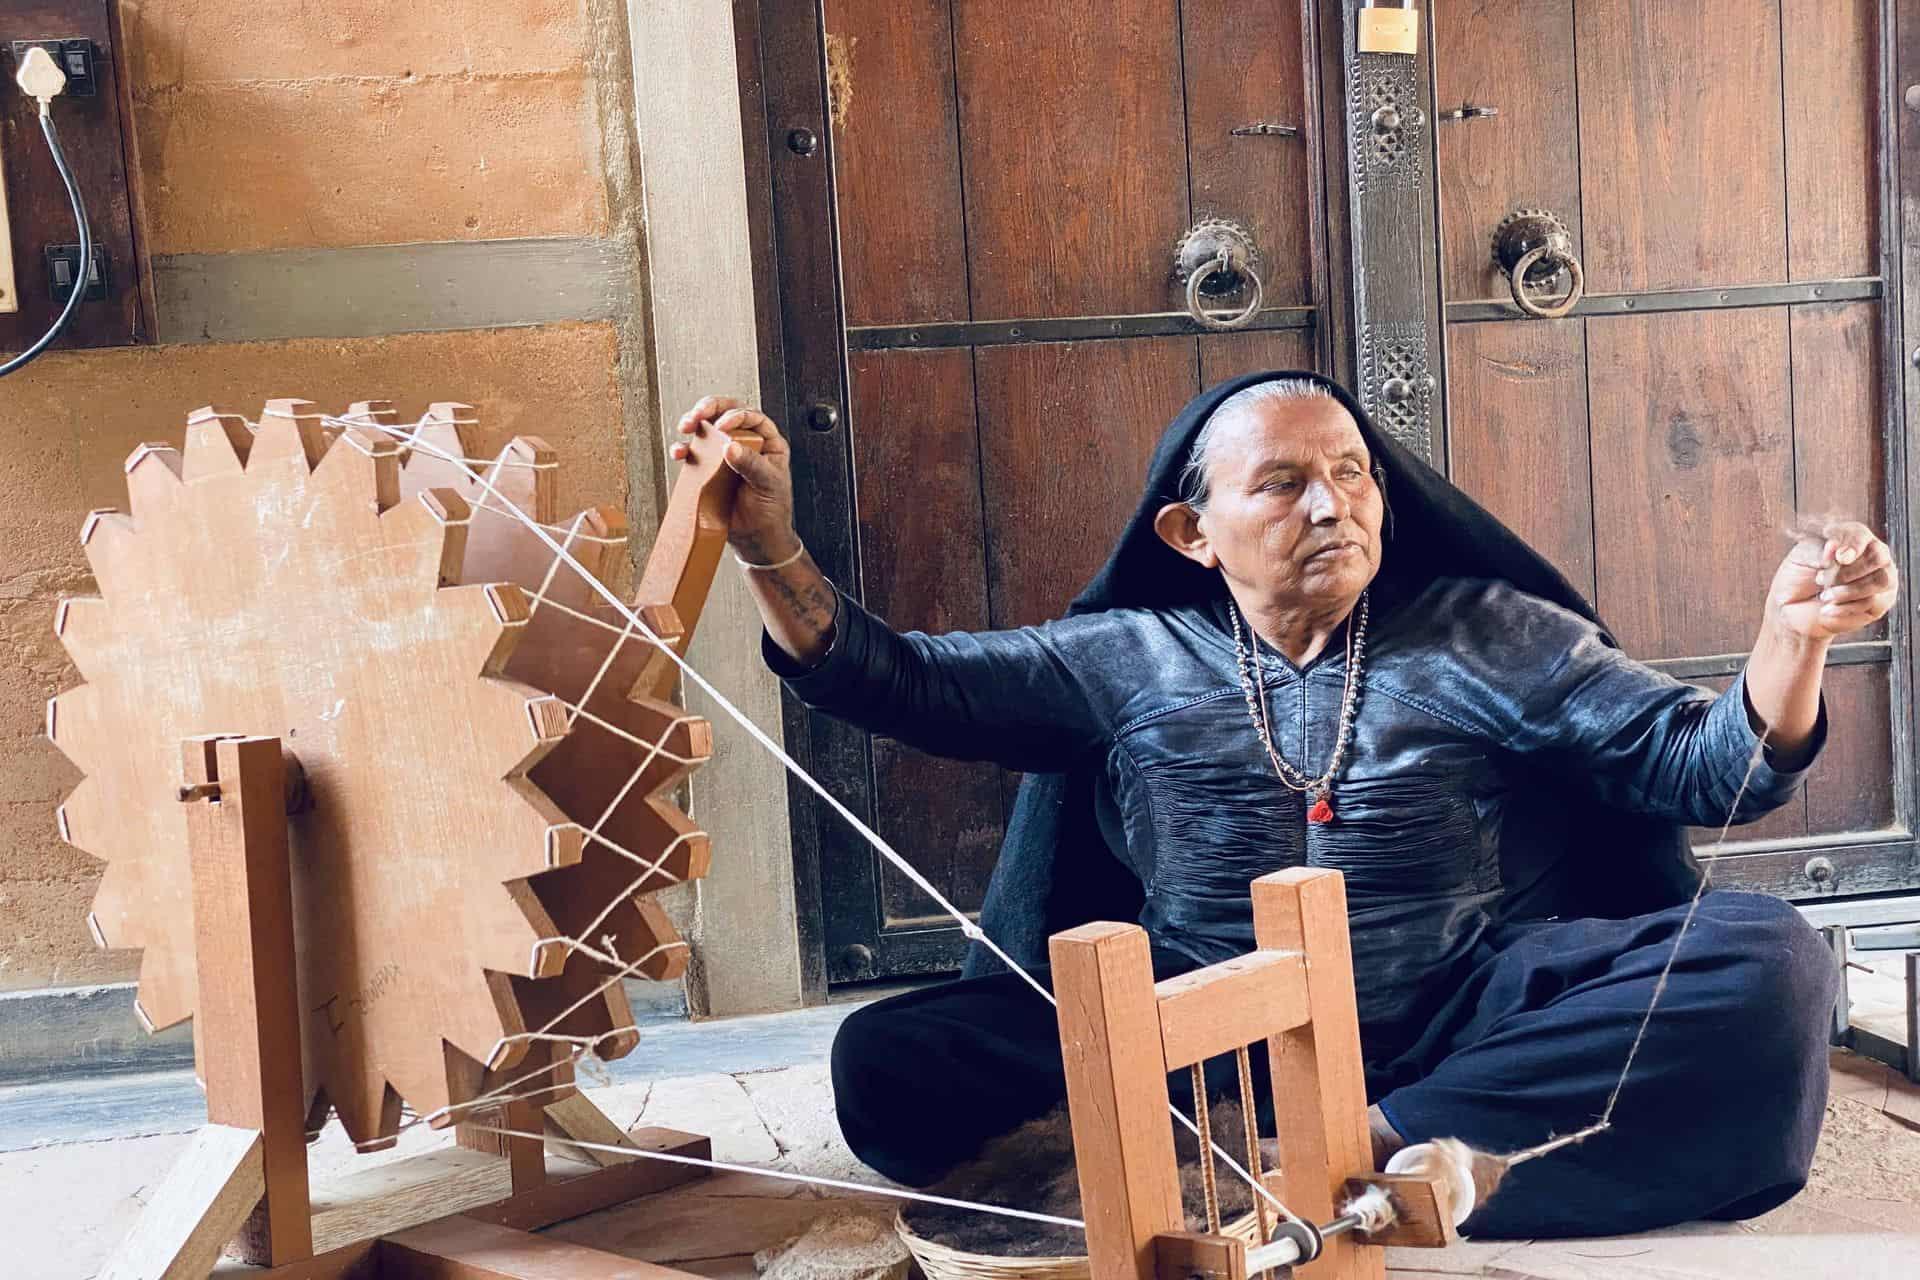 A handloom weaver in Gujarat